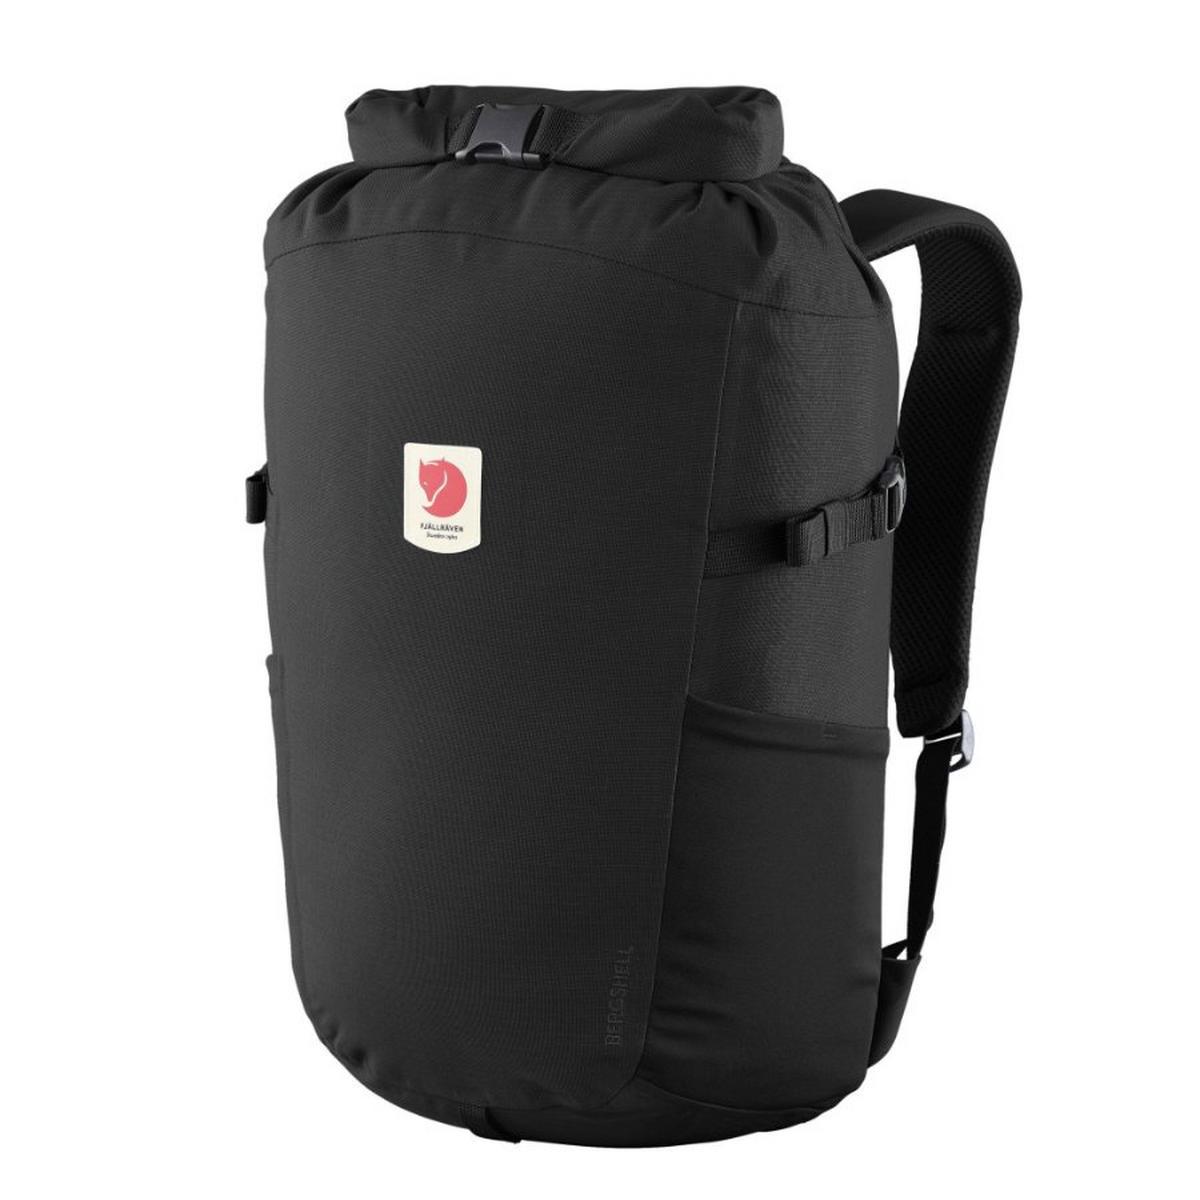 Fjallraven Ulvo Rolltop 23L Backpack